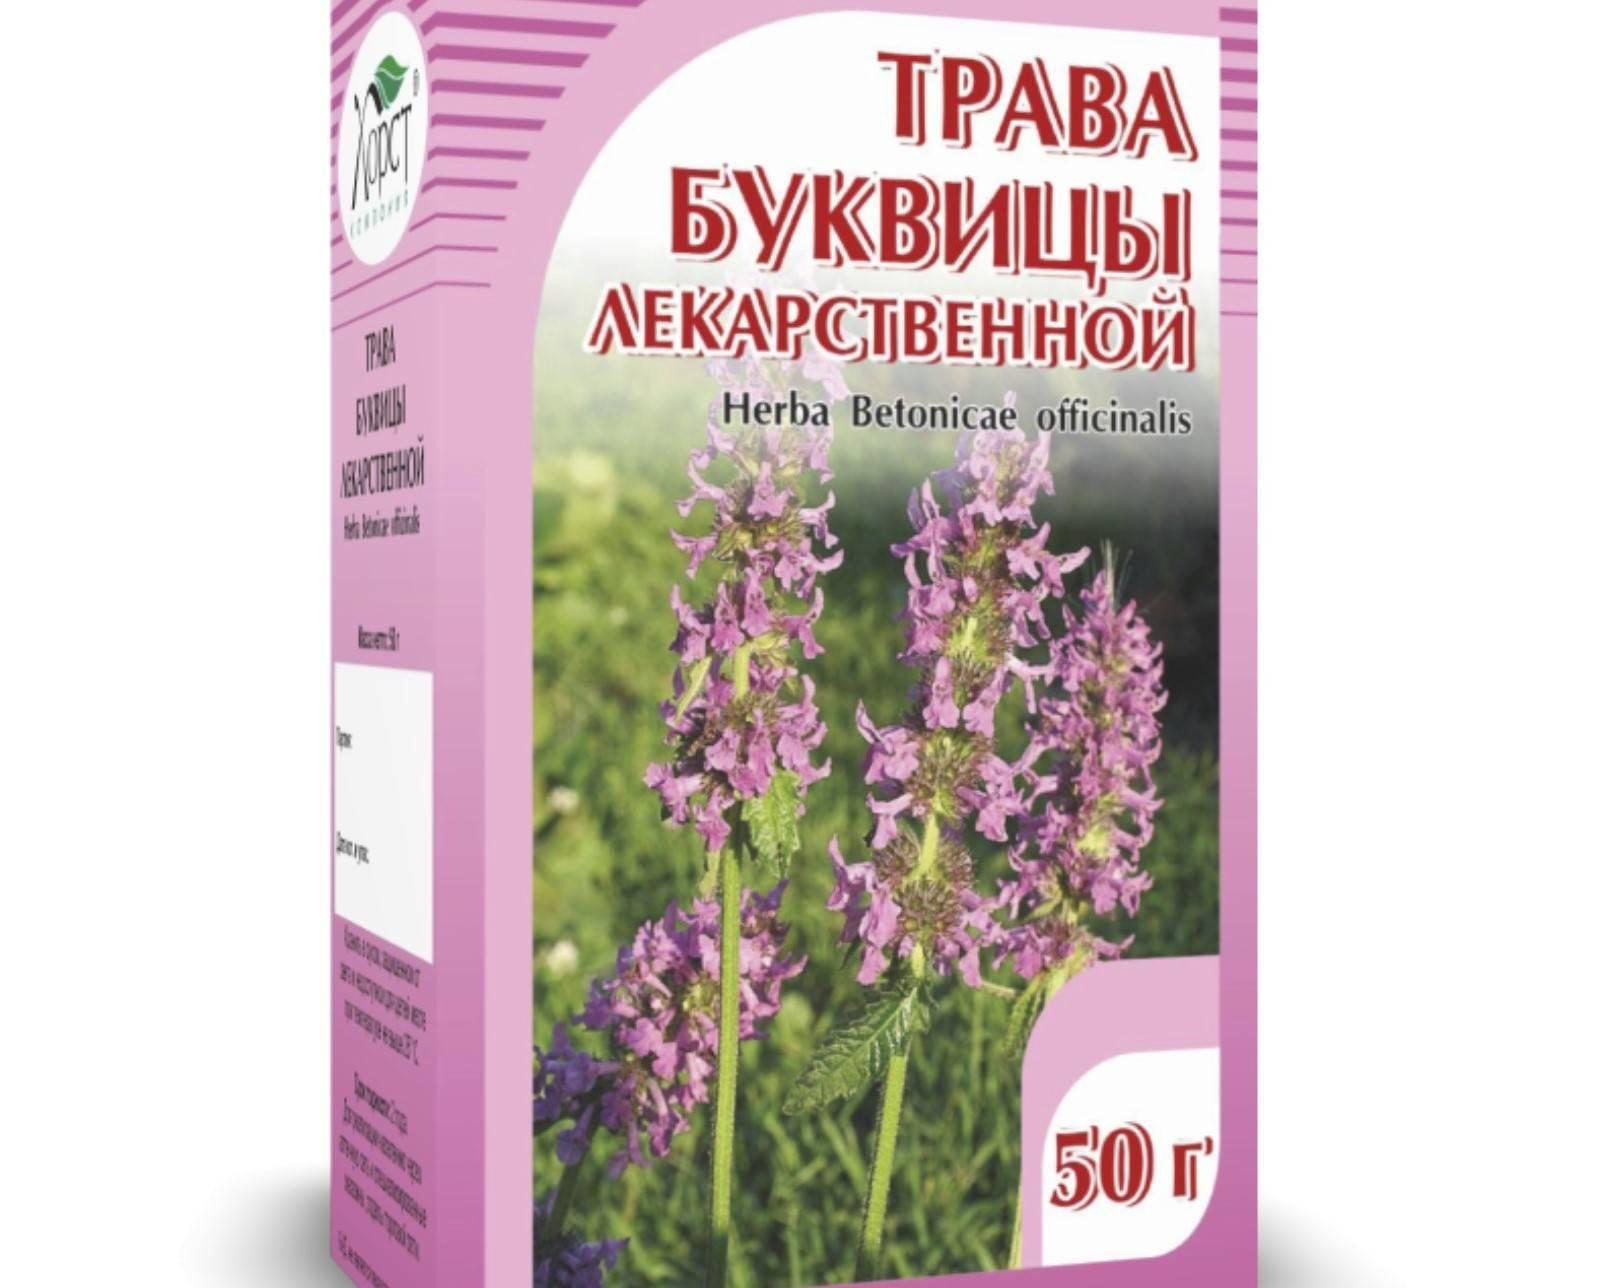 Описание растения буквица лекарственная, как применять, противопоказания